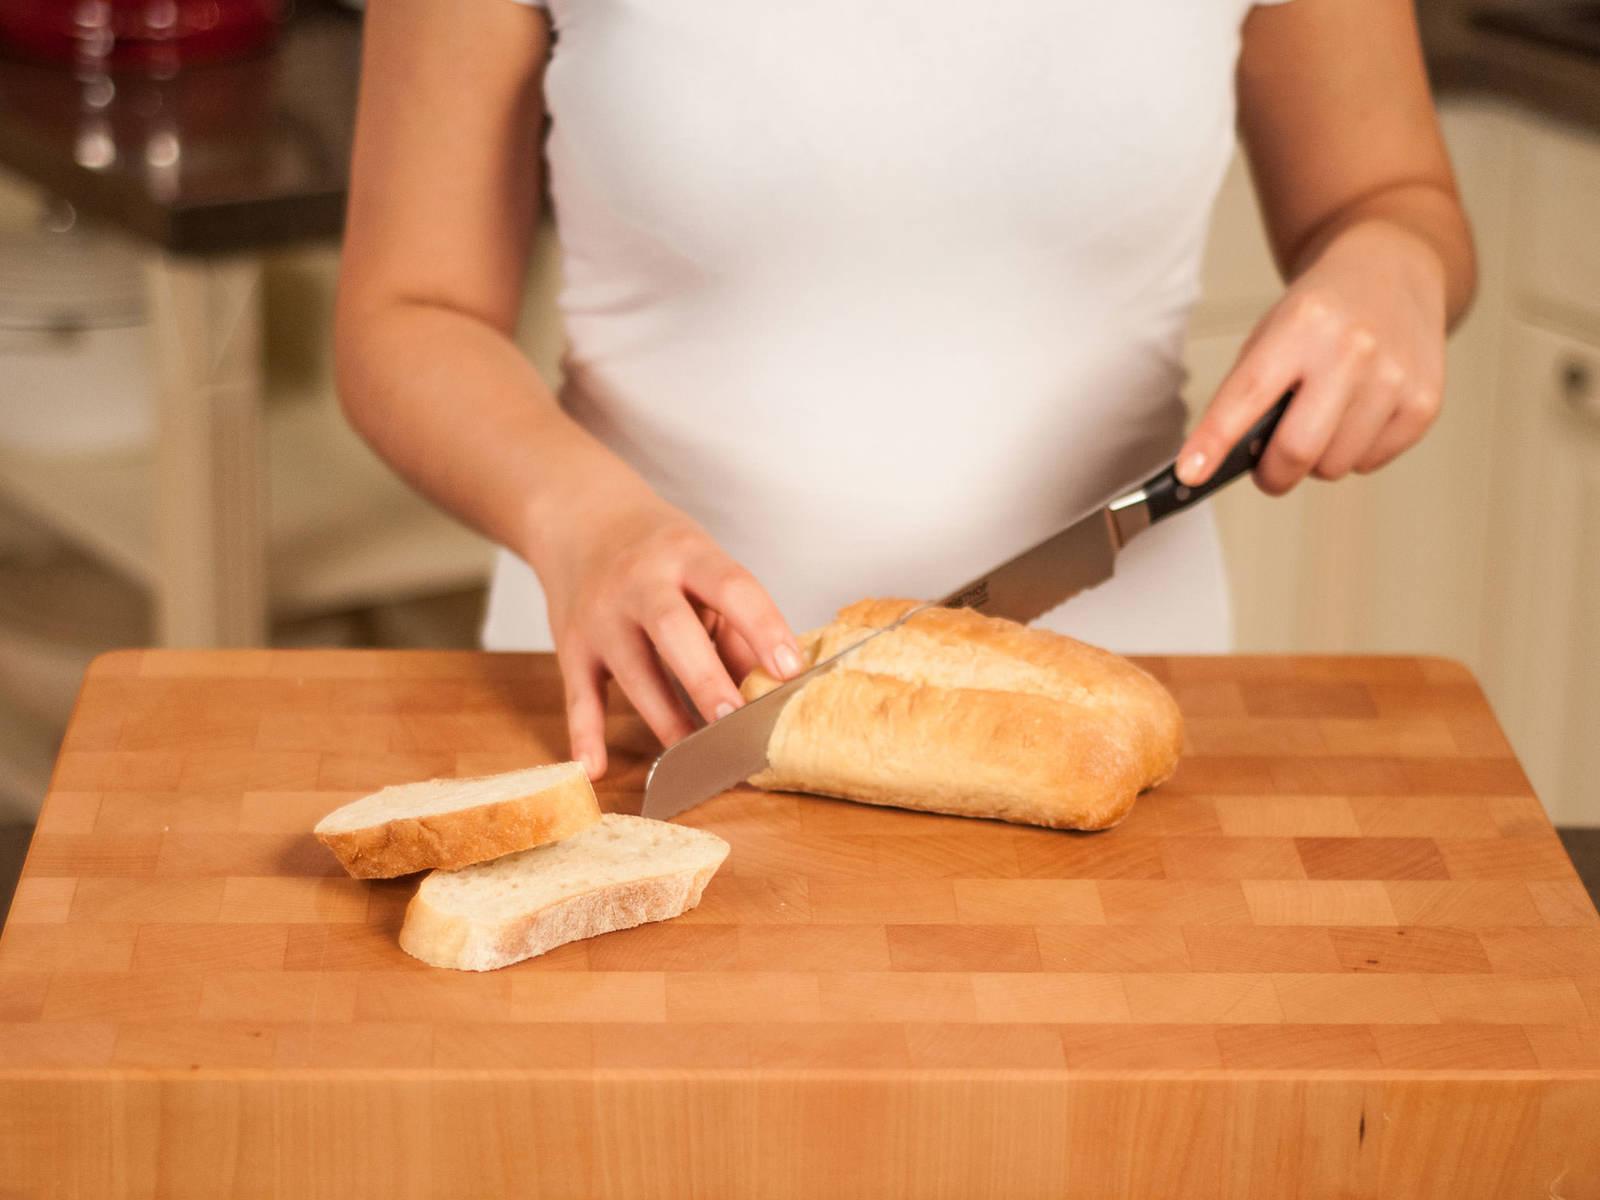 Cut ciabatta into slices.